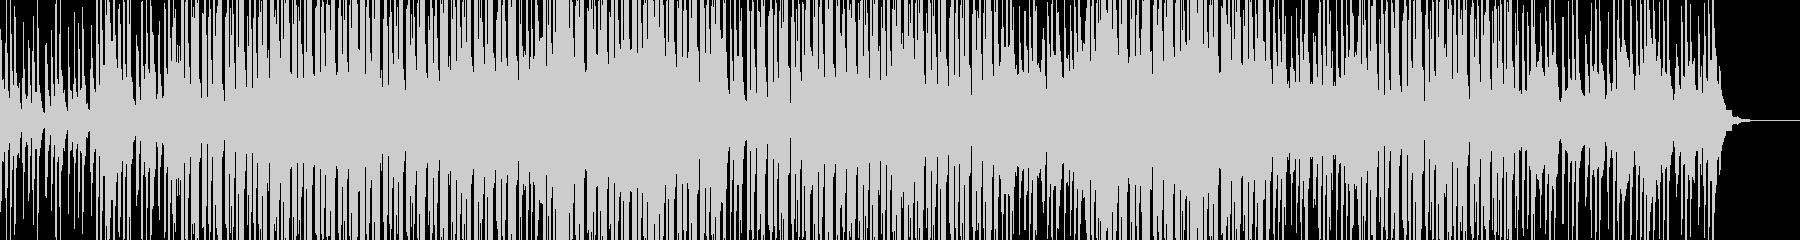 レトロ ギャングラップ 神経質 燃...の未再生の波形